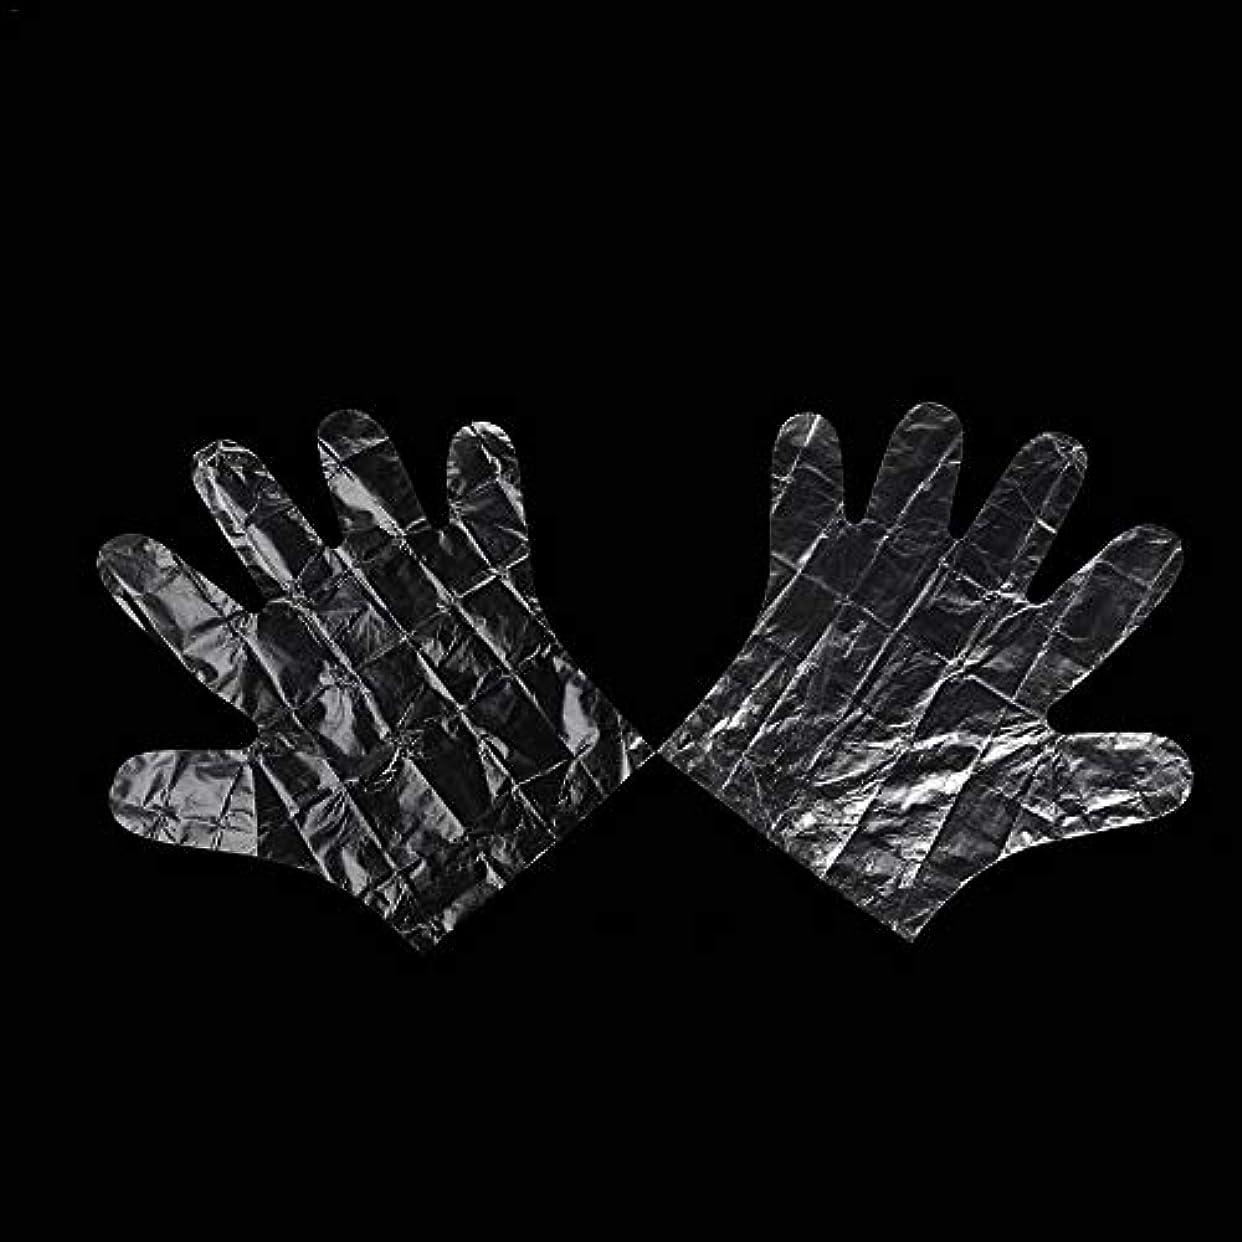 忘れっぽいぴかぴか密colmall 使い捨て手袋 子供用 極薄ビニール手袋 ポリエチレン 透明 実用 衛生 100枚/200m枚セット 左右兼用 on